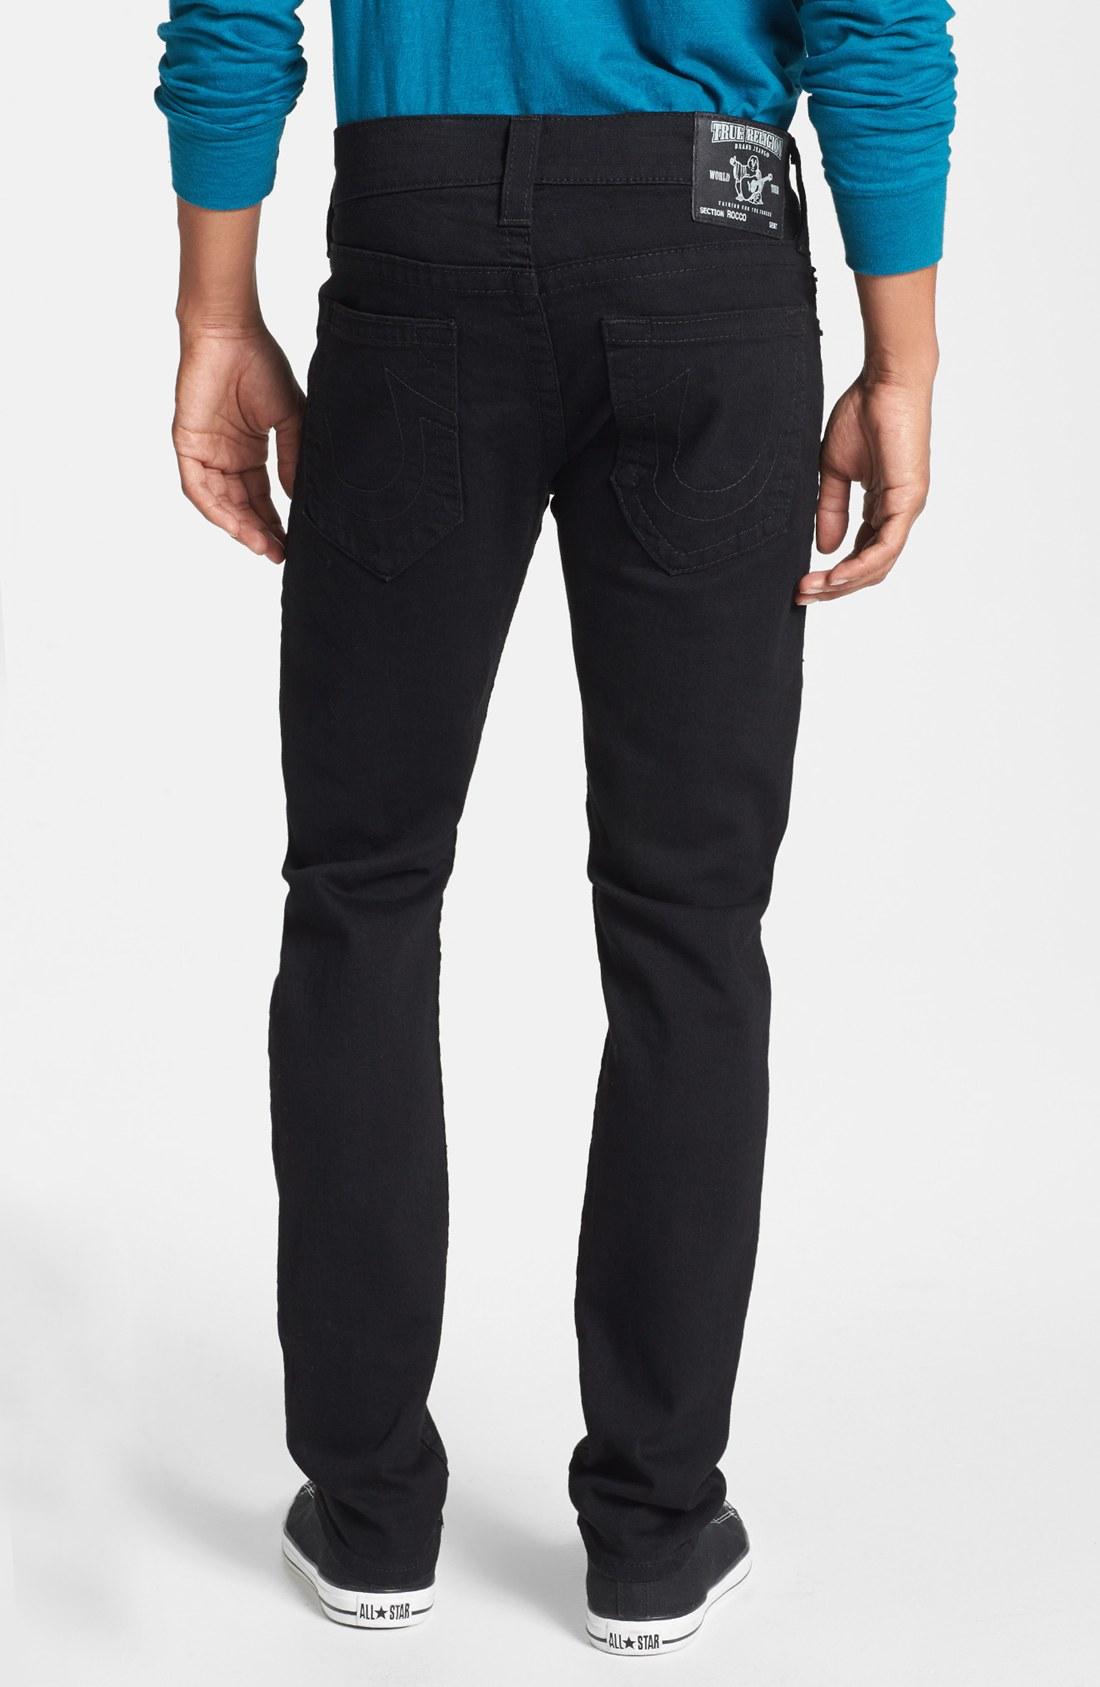 true religion rocco skinny fit jeans in black for men. Black Bedroom Furniture Sets. Home Design Ideas